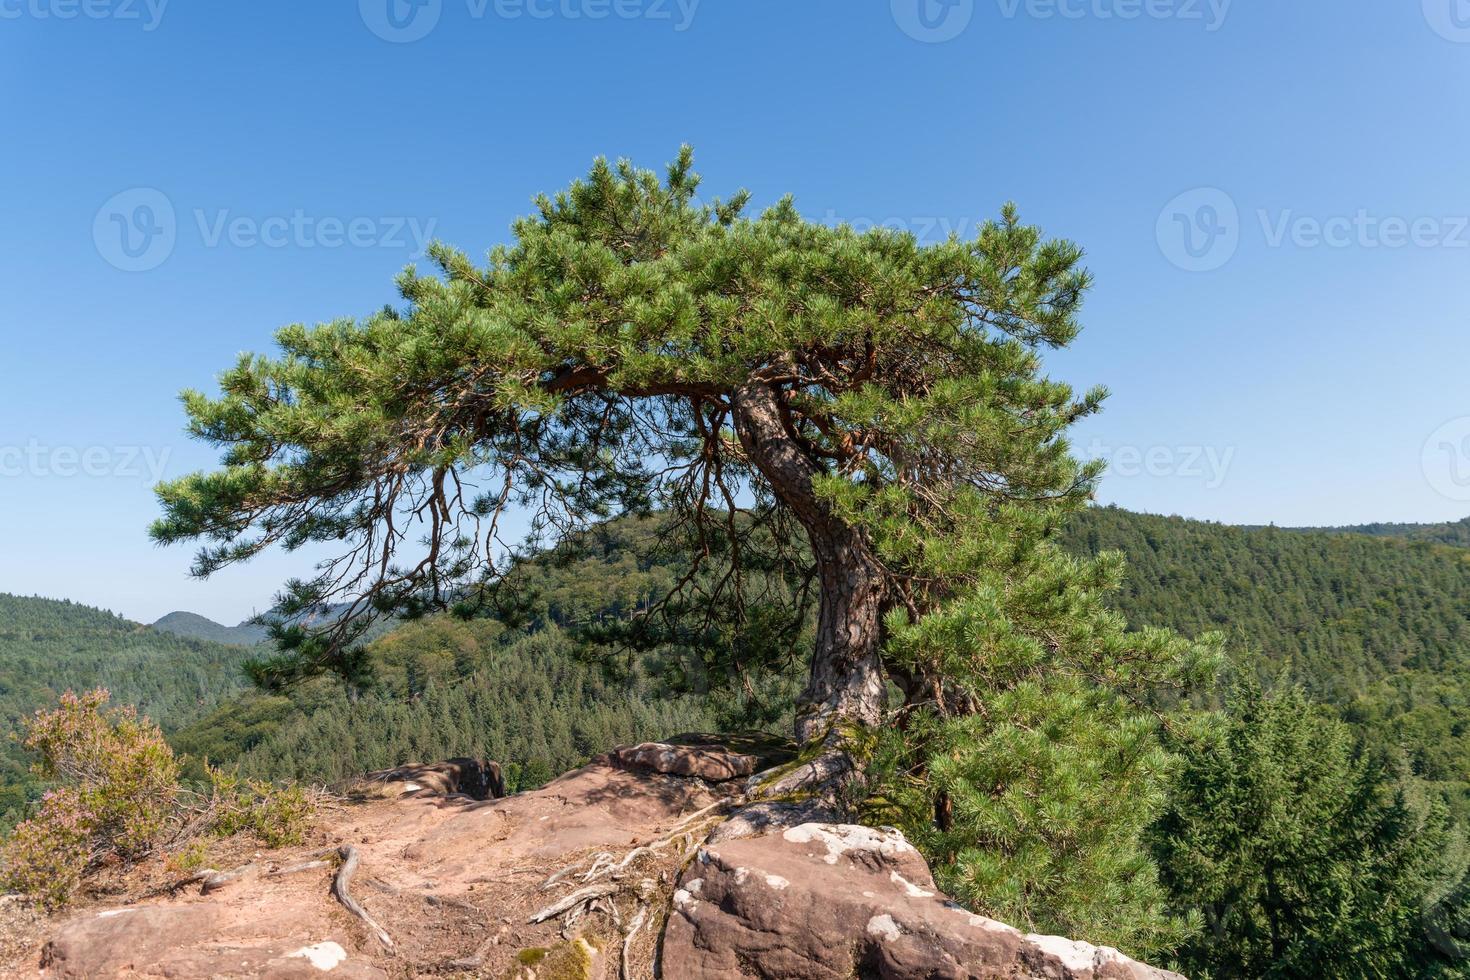 Solo pino lisiado se encuentra en la cima de una montaña sobre rocas foto